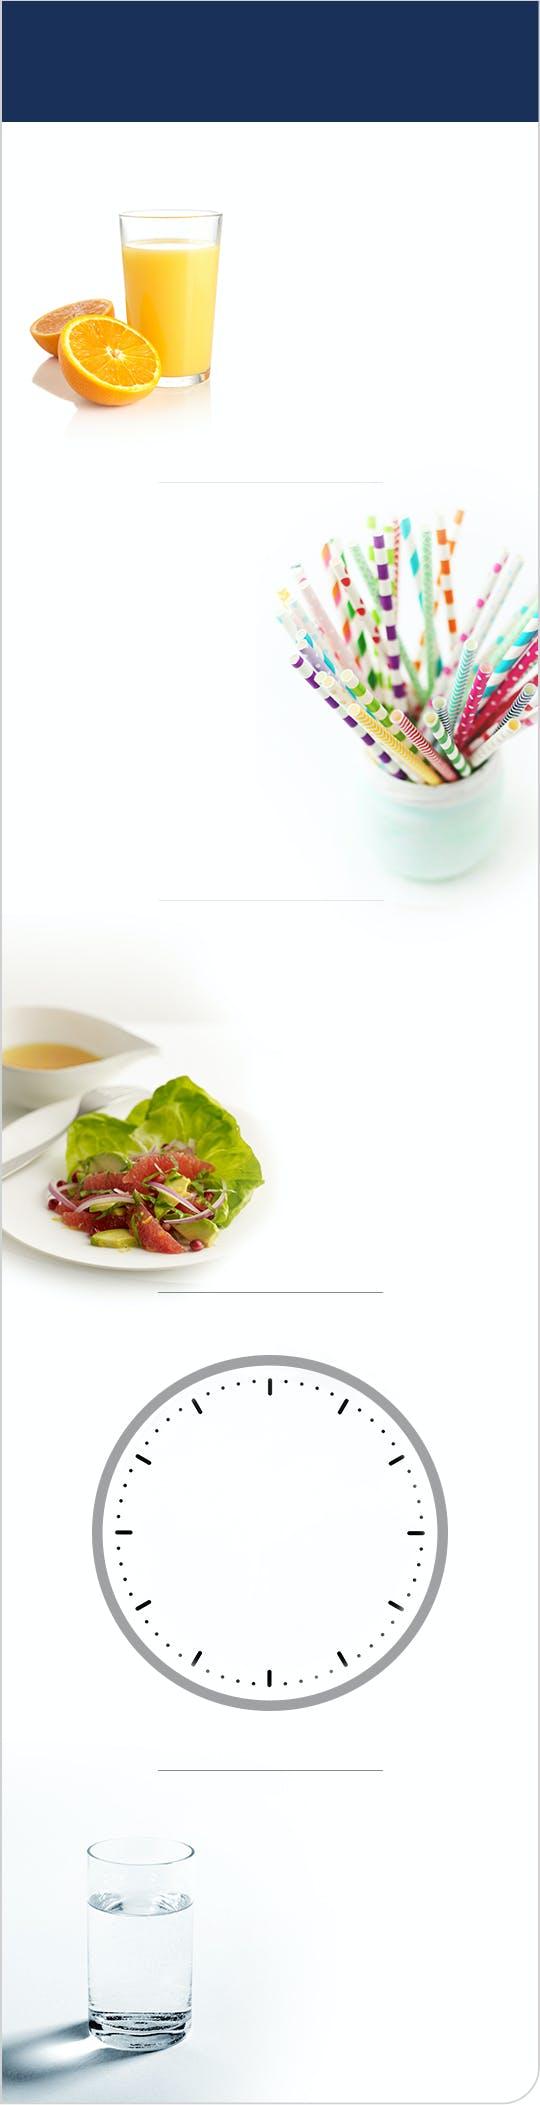 Images d'un jus d'orange, d'un verre d'eau, d'une salade, de pailles et d'une horloge.